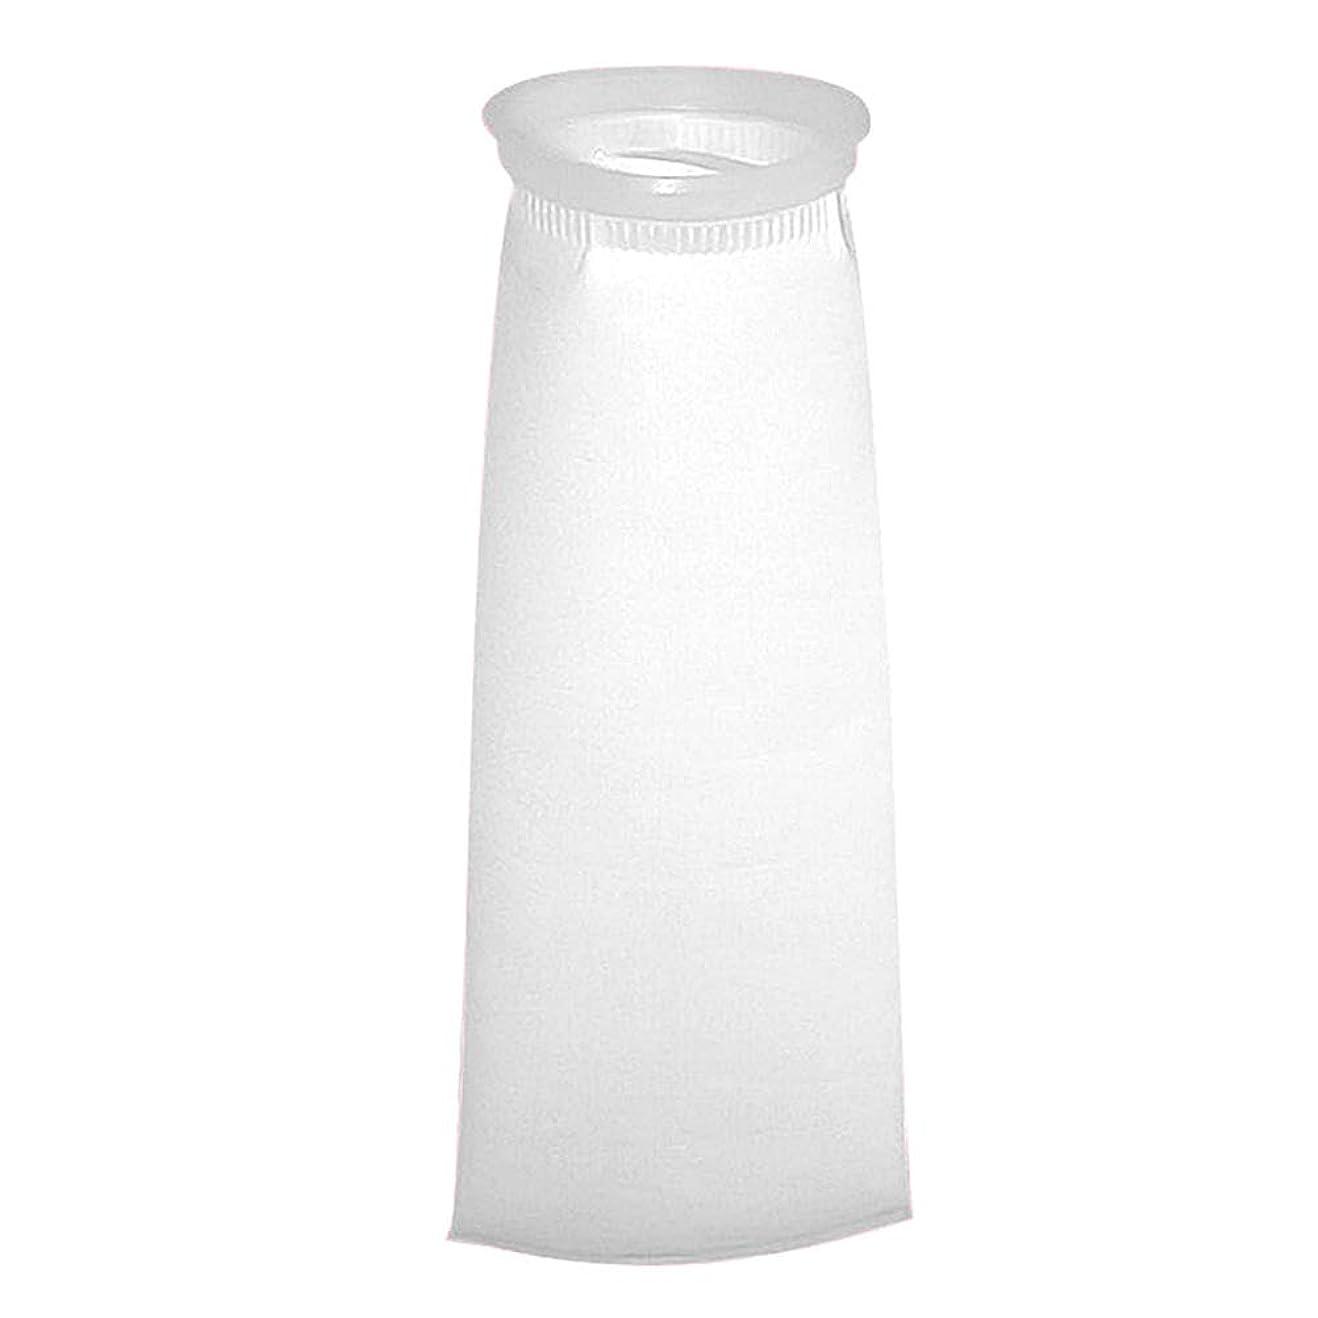 アーネストシャクルトン控えめな熟達UEETEK フィルター 水槽 濾過材 フィルターバッグ 150um (白)